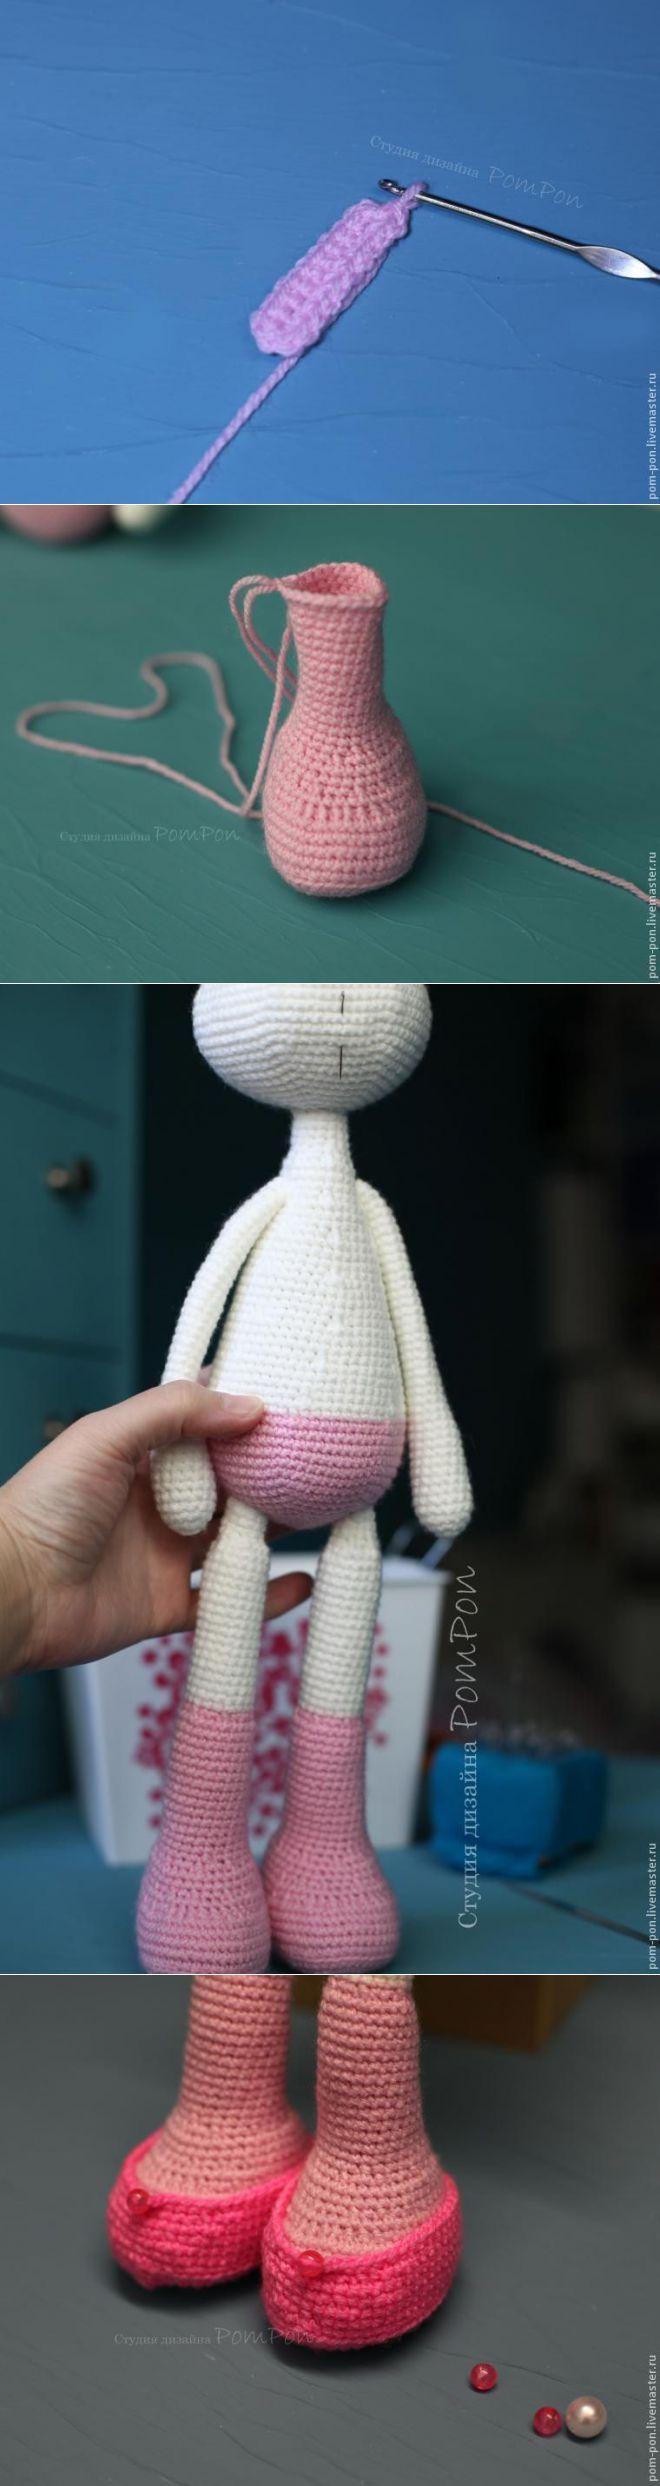 Мастер-класс: Вязаная куколка. Часть вторая - Ярмарка Мастеров - ручная работа, handmade